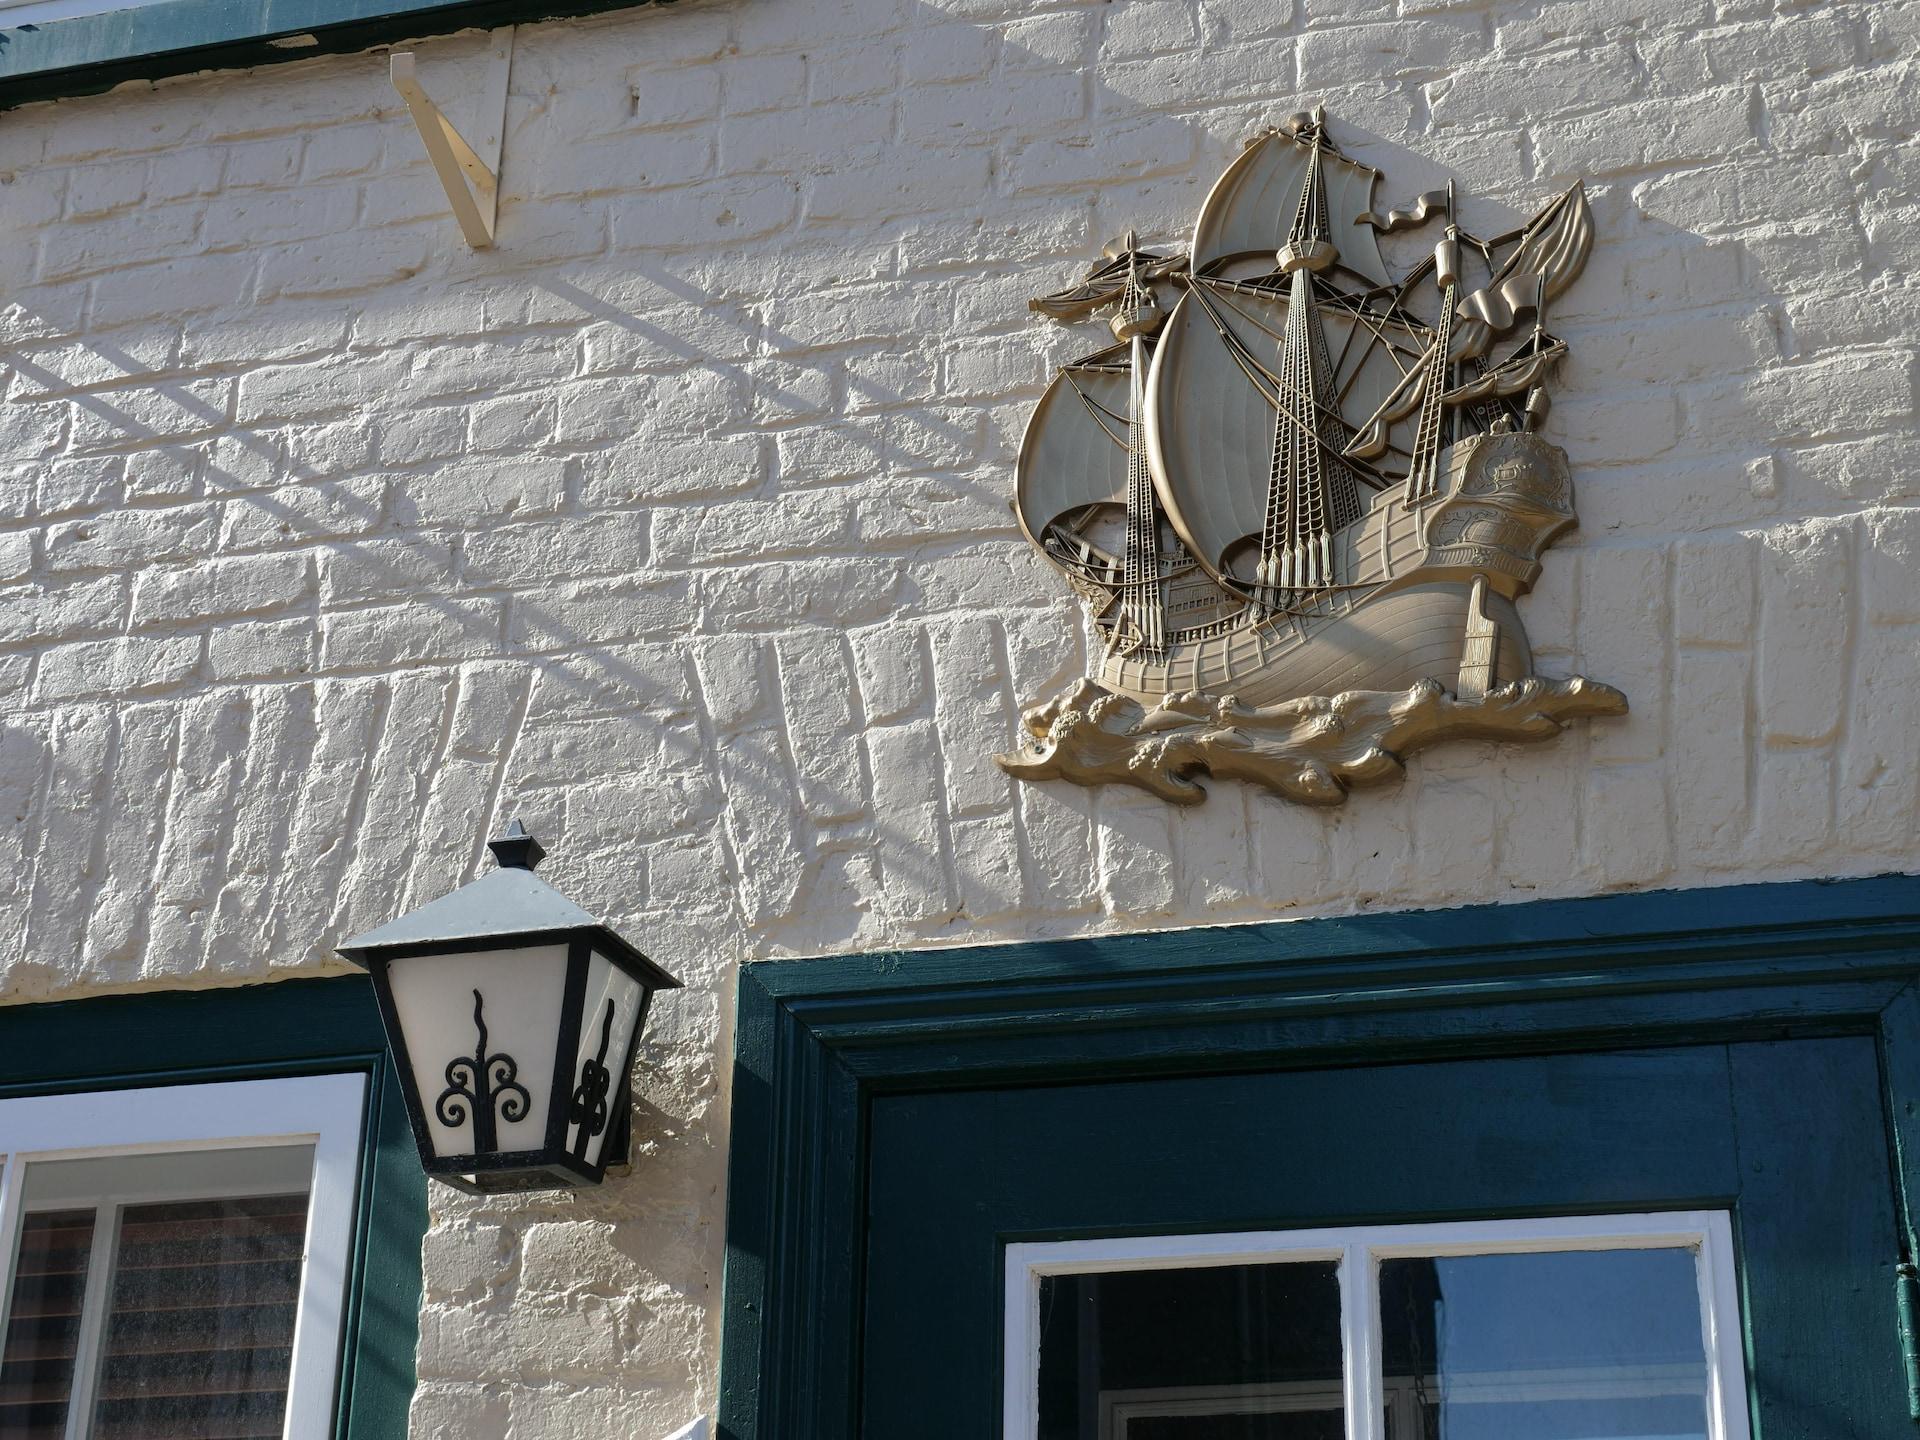 Les décorations maritimes et les lanternes près des portes contribuent au cachet bien particulier de la rue Champlain, comme on le voit sur cette façade de brique rehaussée de détails contrastés.